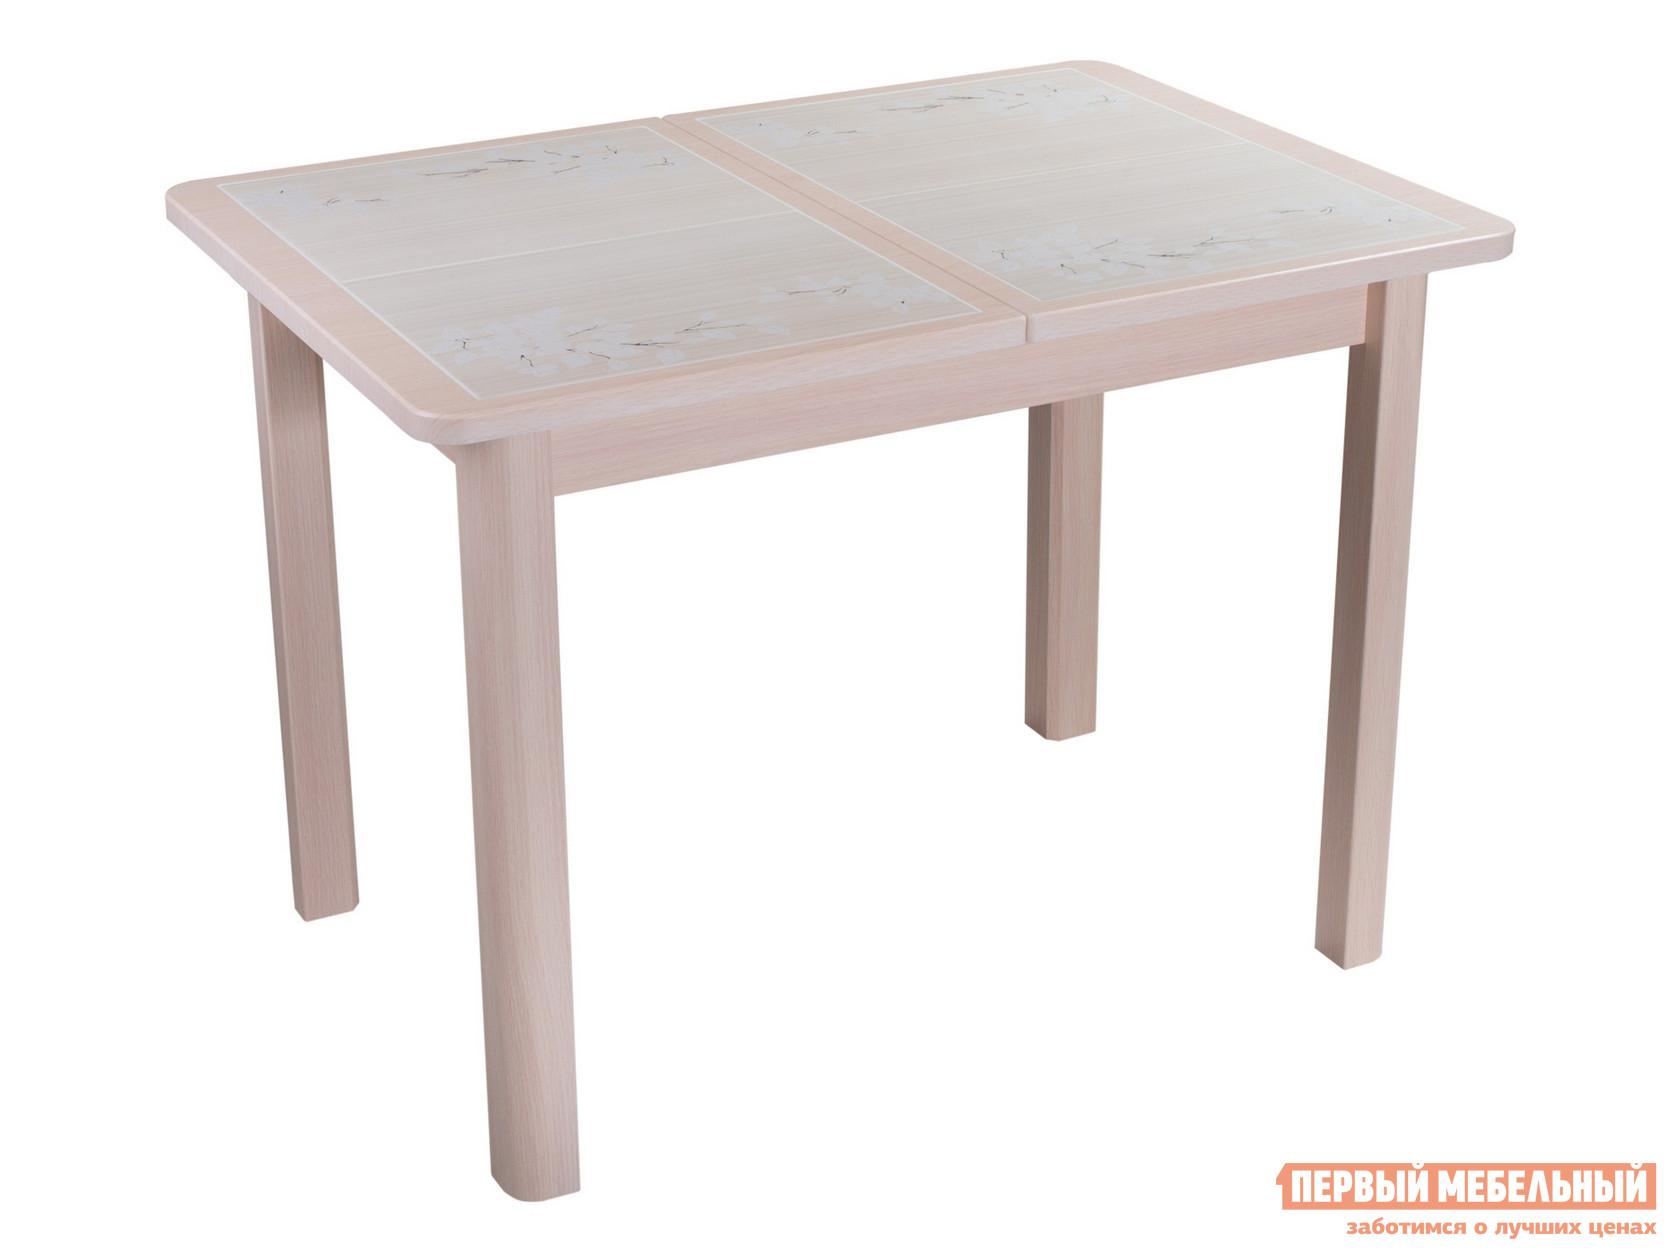 Кухонный стол  Каппа ПР ВП 4 Молочный дуб / Плитка 42